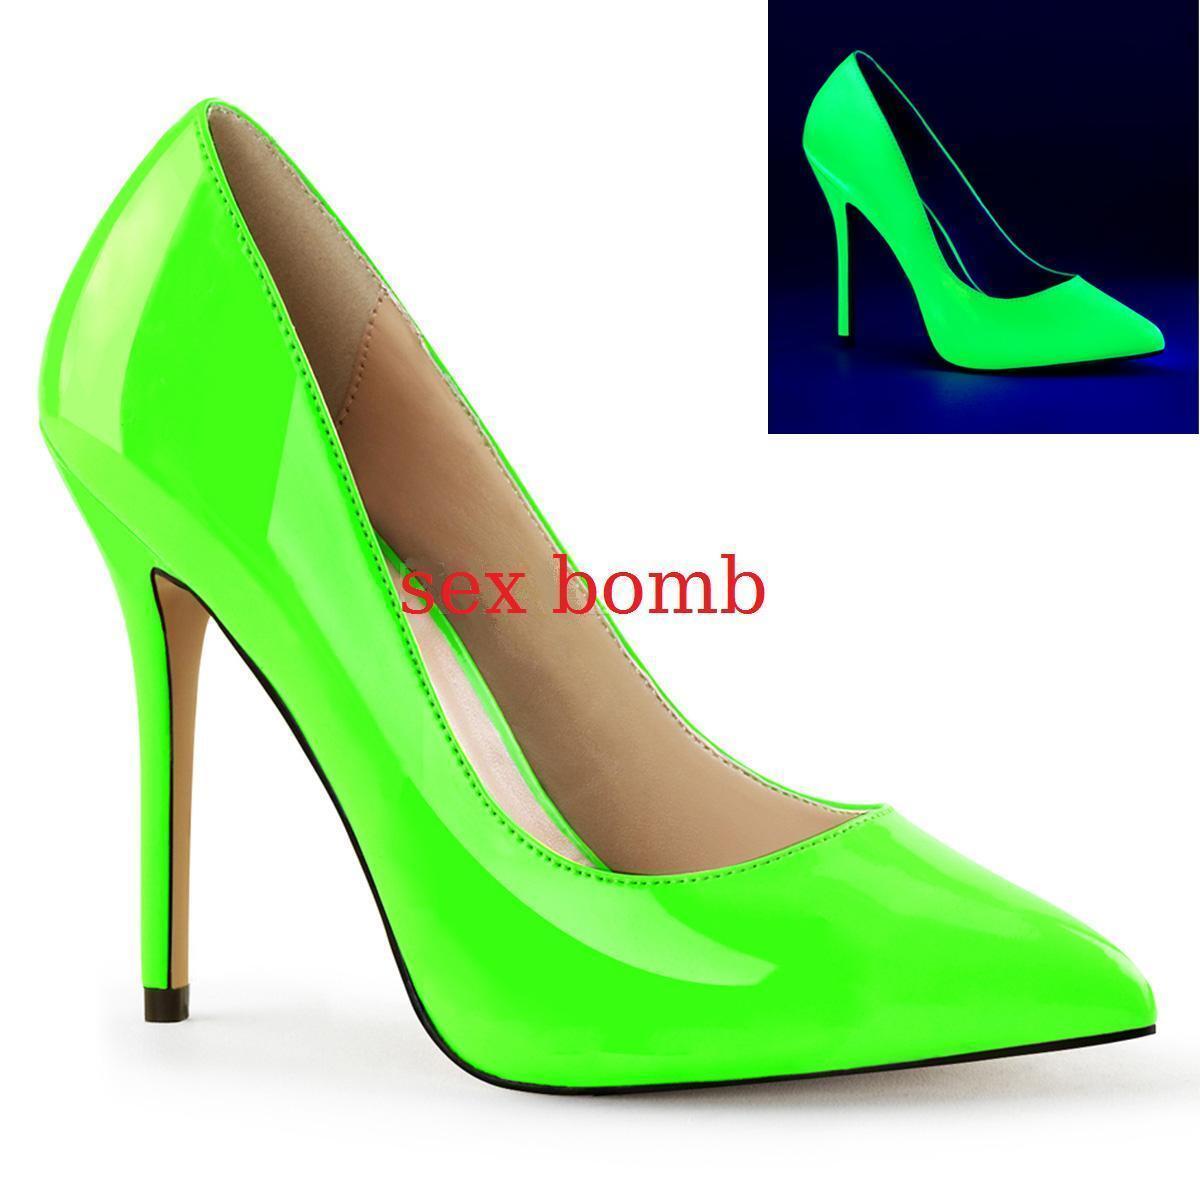 Sexig dekolte'Neon grön Heel 13 plattform dold från 35 till 44 mode Glamour